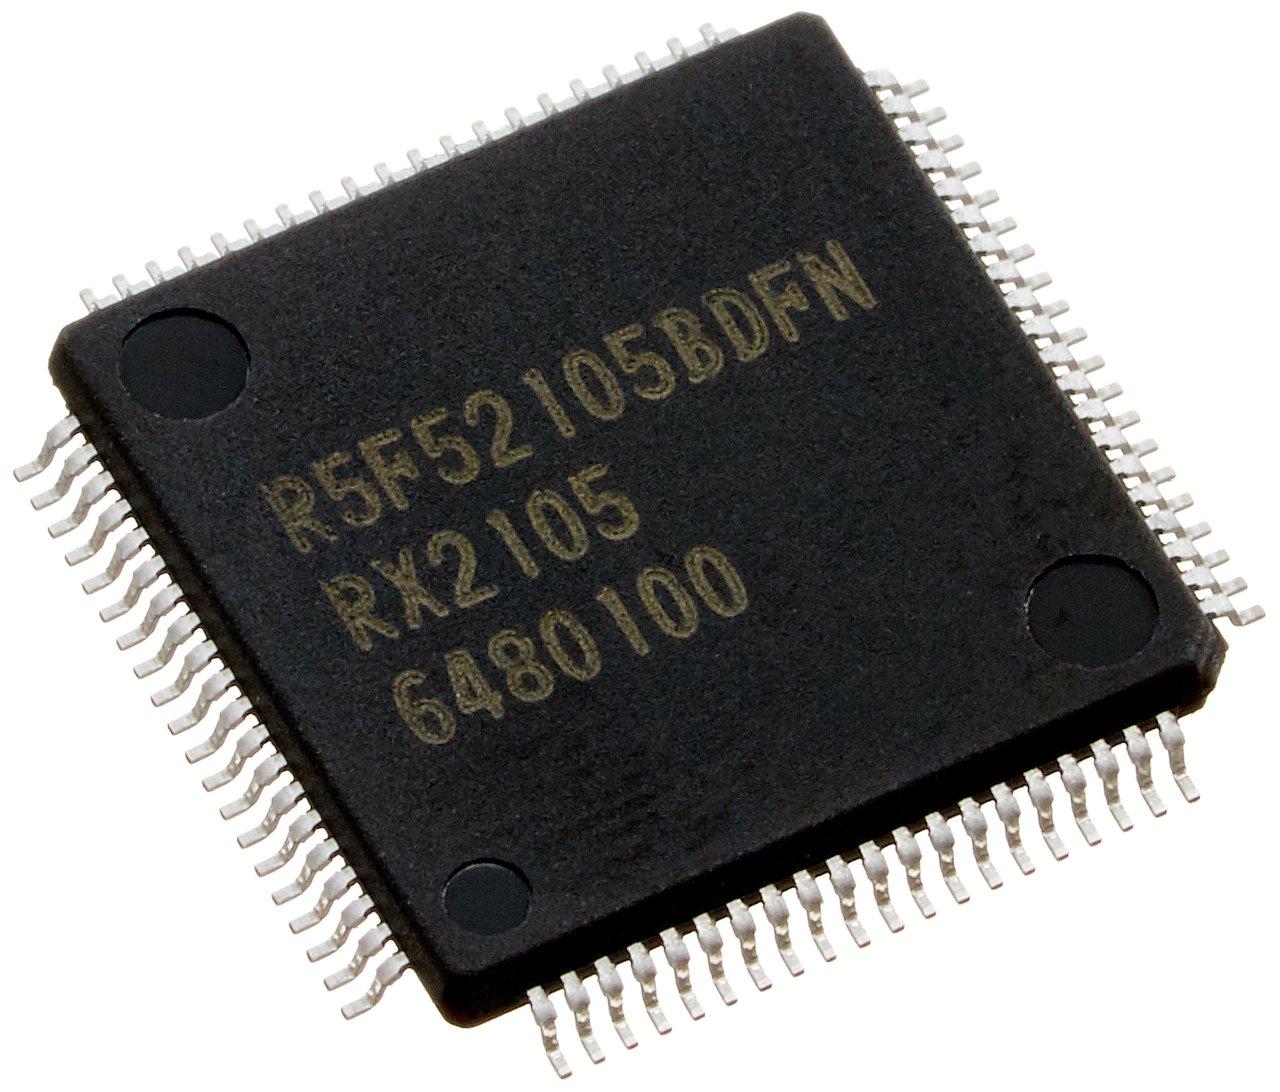 ルネサス 32ビットCISCマイコン 80-pin 1個入 R5F52105BDFN#V0